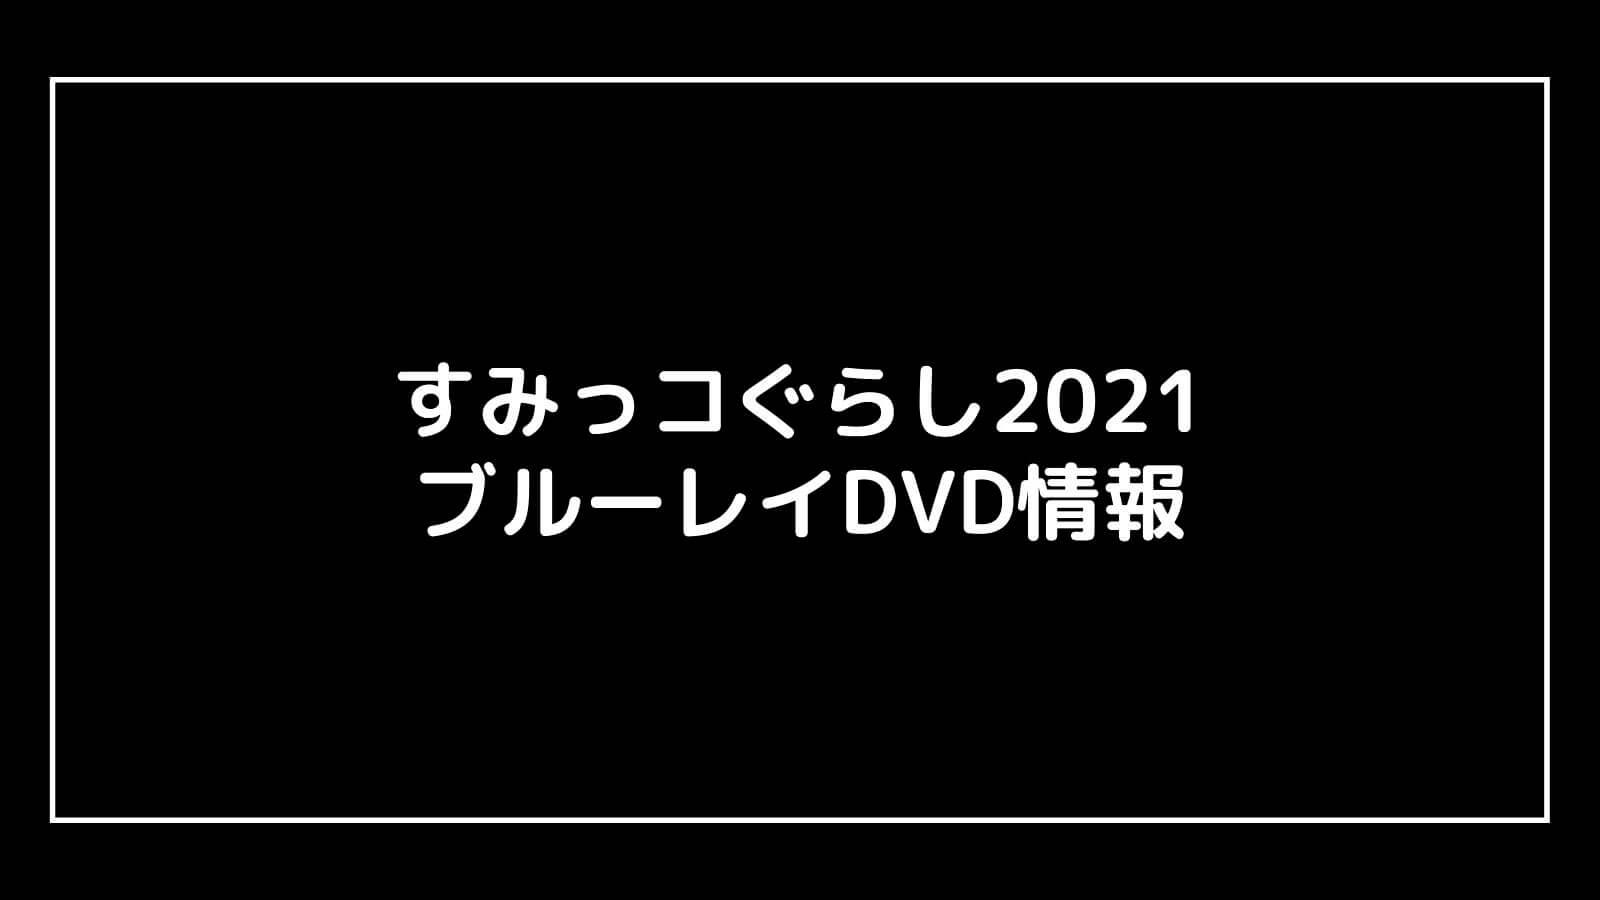 映画『すみっコぐらし2021』のDVD発売日と予約開始日はいつから?円盤情報まとめ【⻘い月夜のまほうのコ】